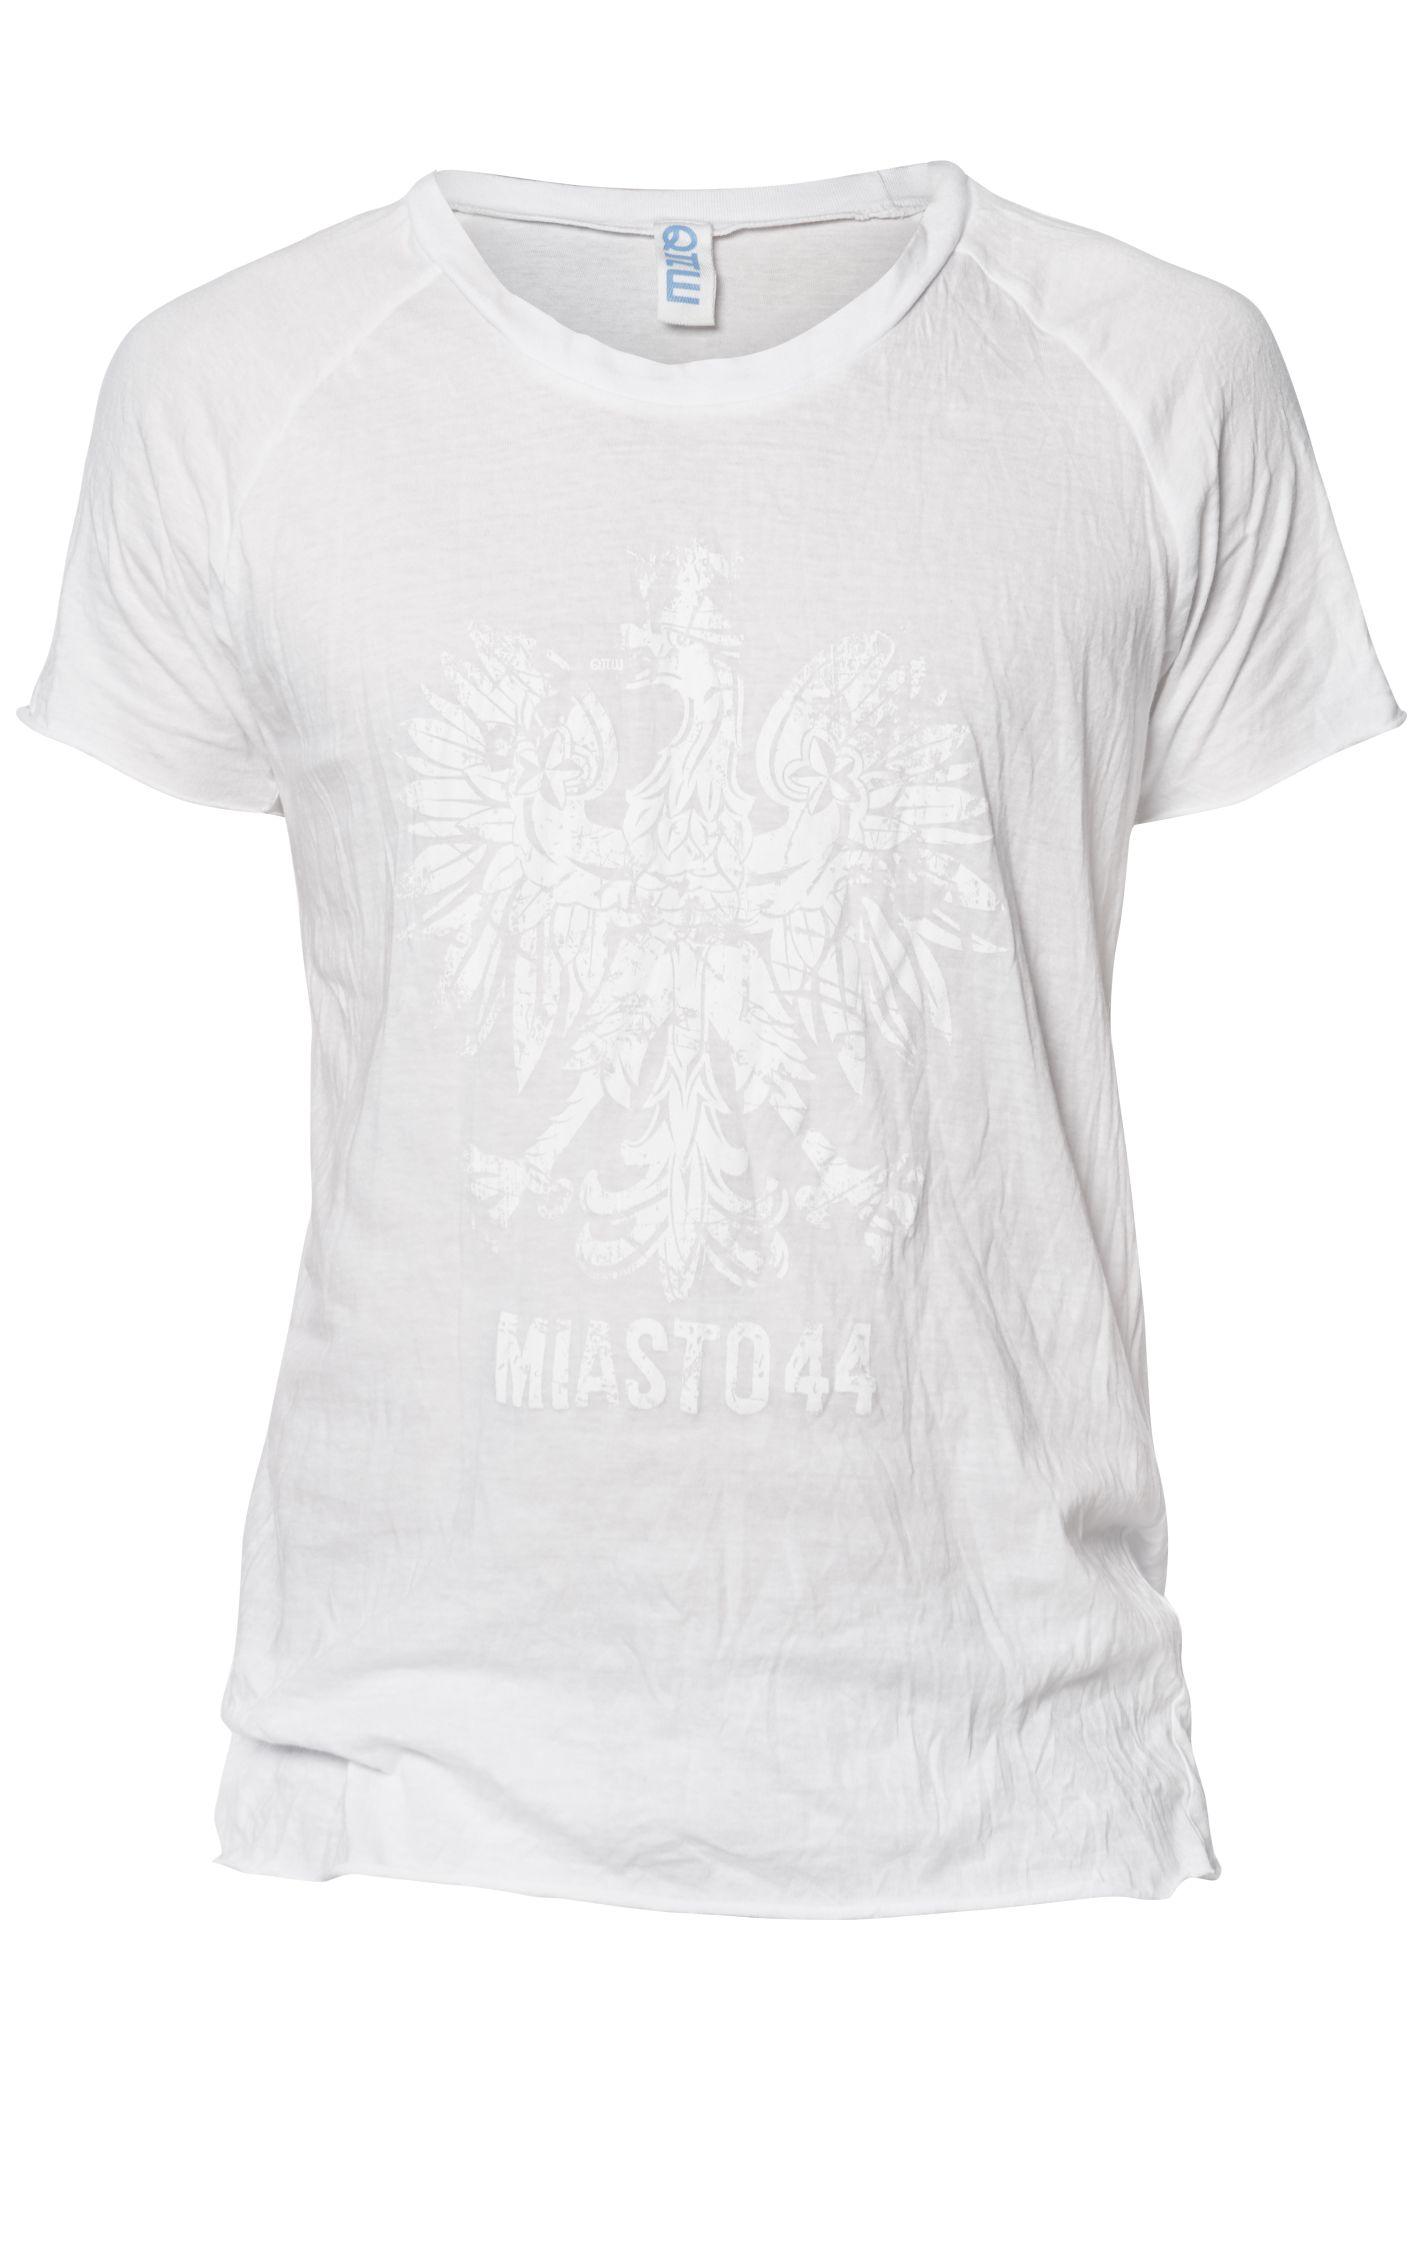 T-shirt: 79,99 zł